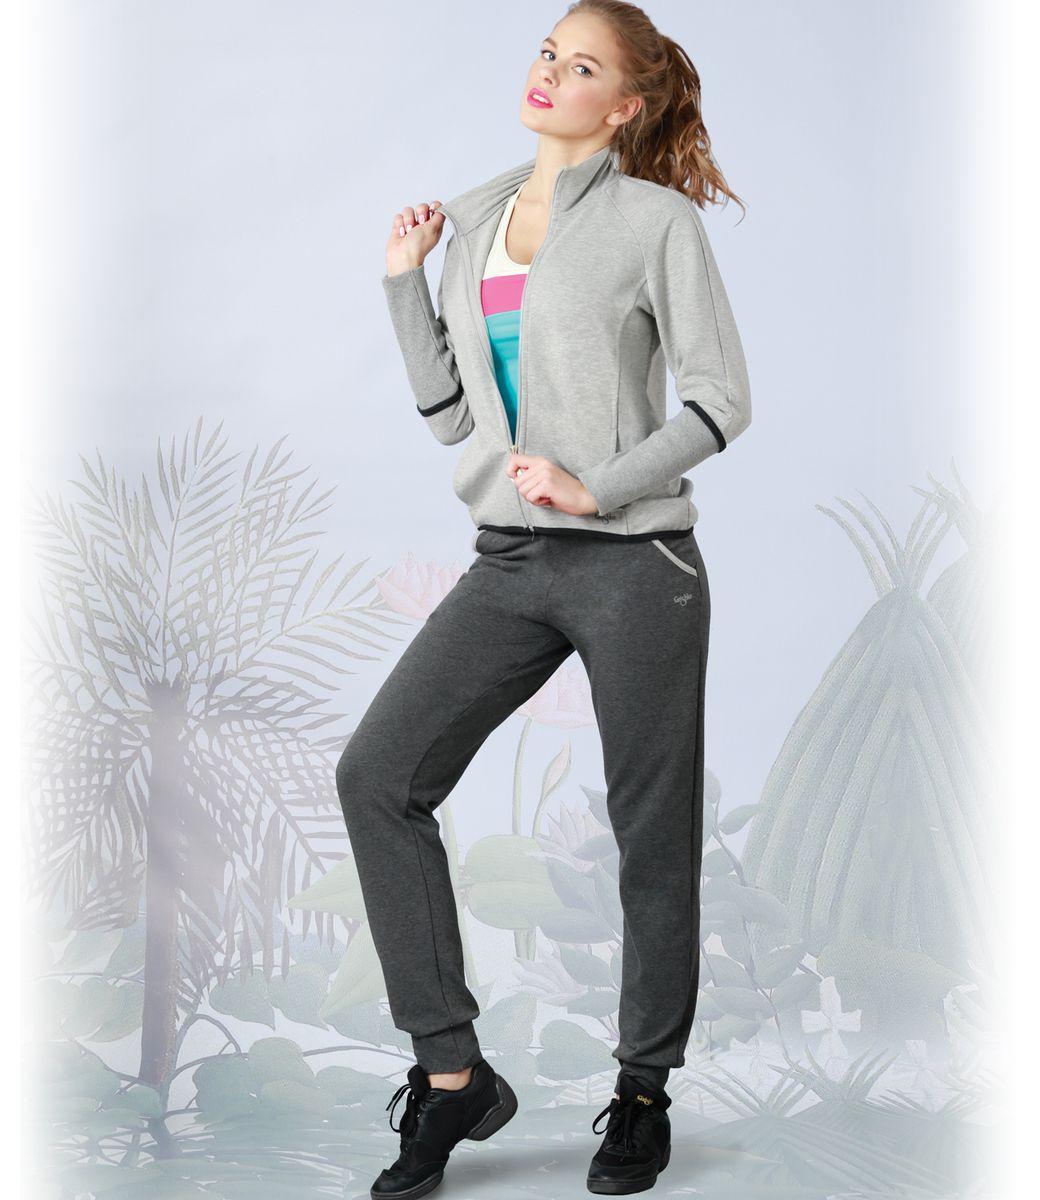 Брюки для фитнеса женские. AL- 2772AL- 2772Прямые спортивные брюки с манжетом и карманами из линии Grishko fitnes Такие брюки в новом сезоне - незаменимая вещь в спортивном и летнем гардеробе. Они отлично комбинируется с одеждой из линии Grishko fitness.. Толстовка изготовлена из материалов высокого качества — натурального меланжевого хлопка с добавлением лайкры. Прекрасный выбор для занятий фитнесом или активного отдыха.